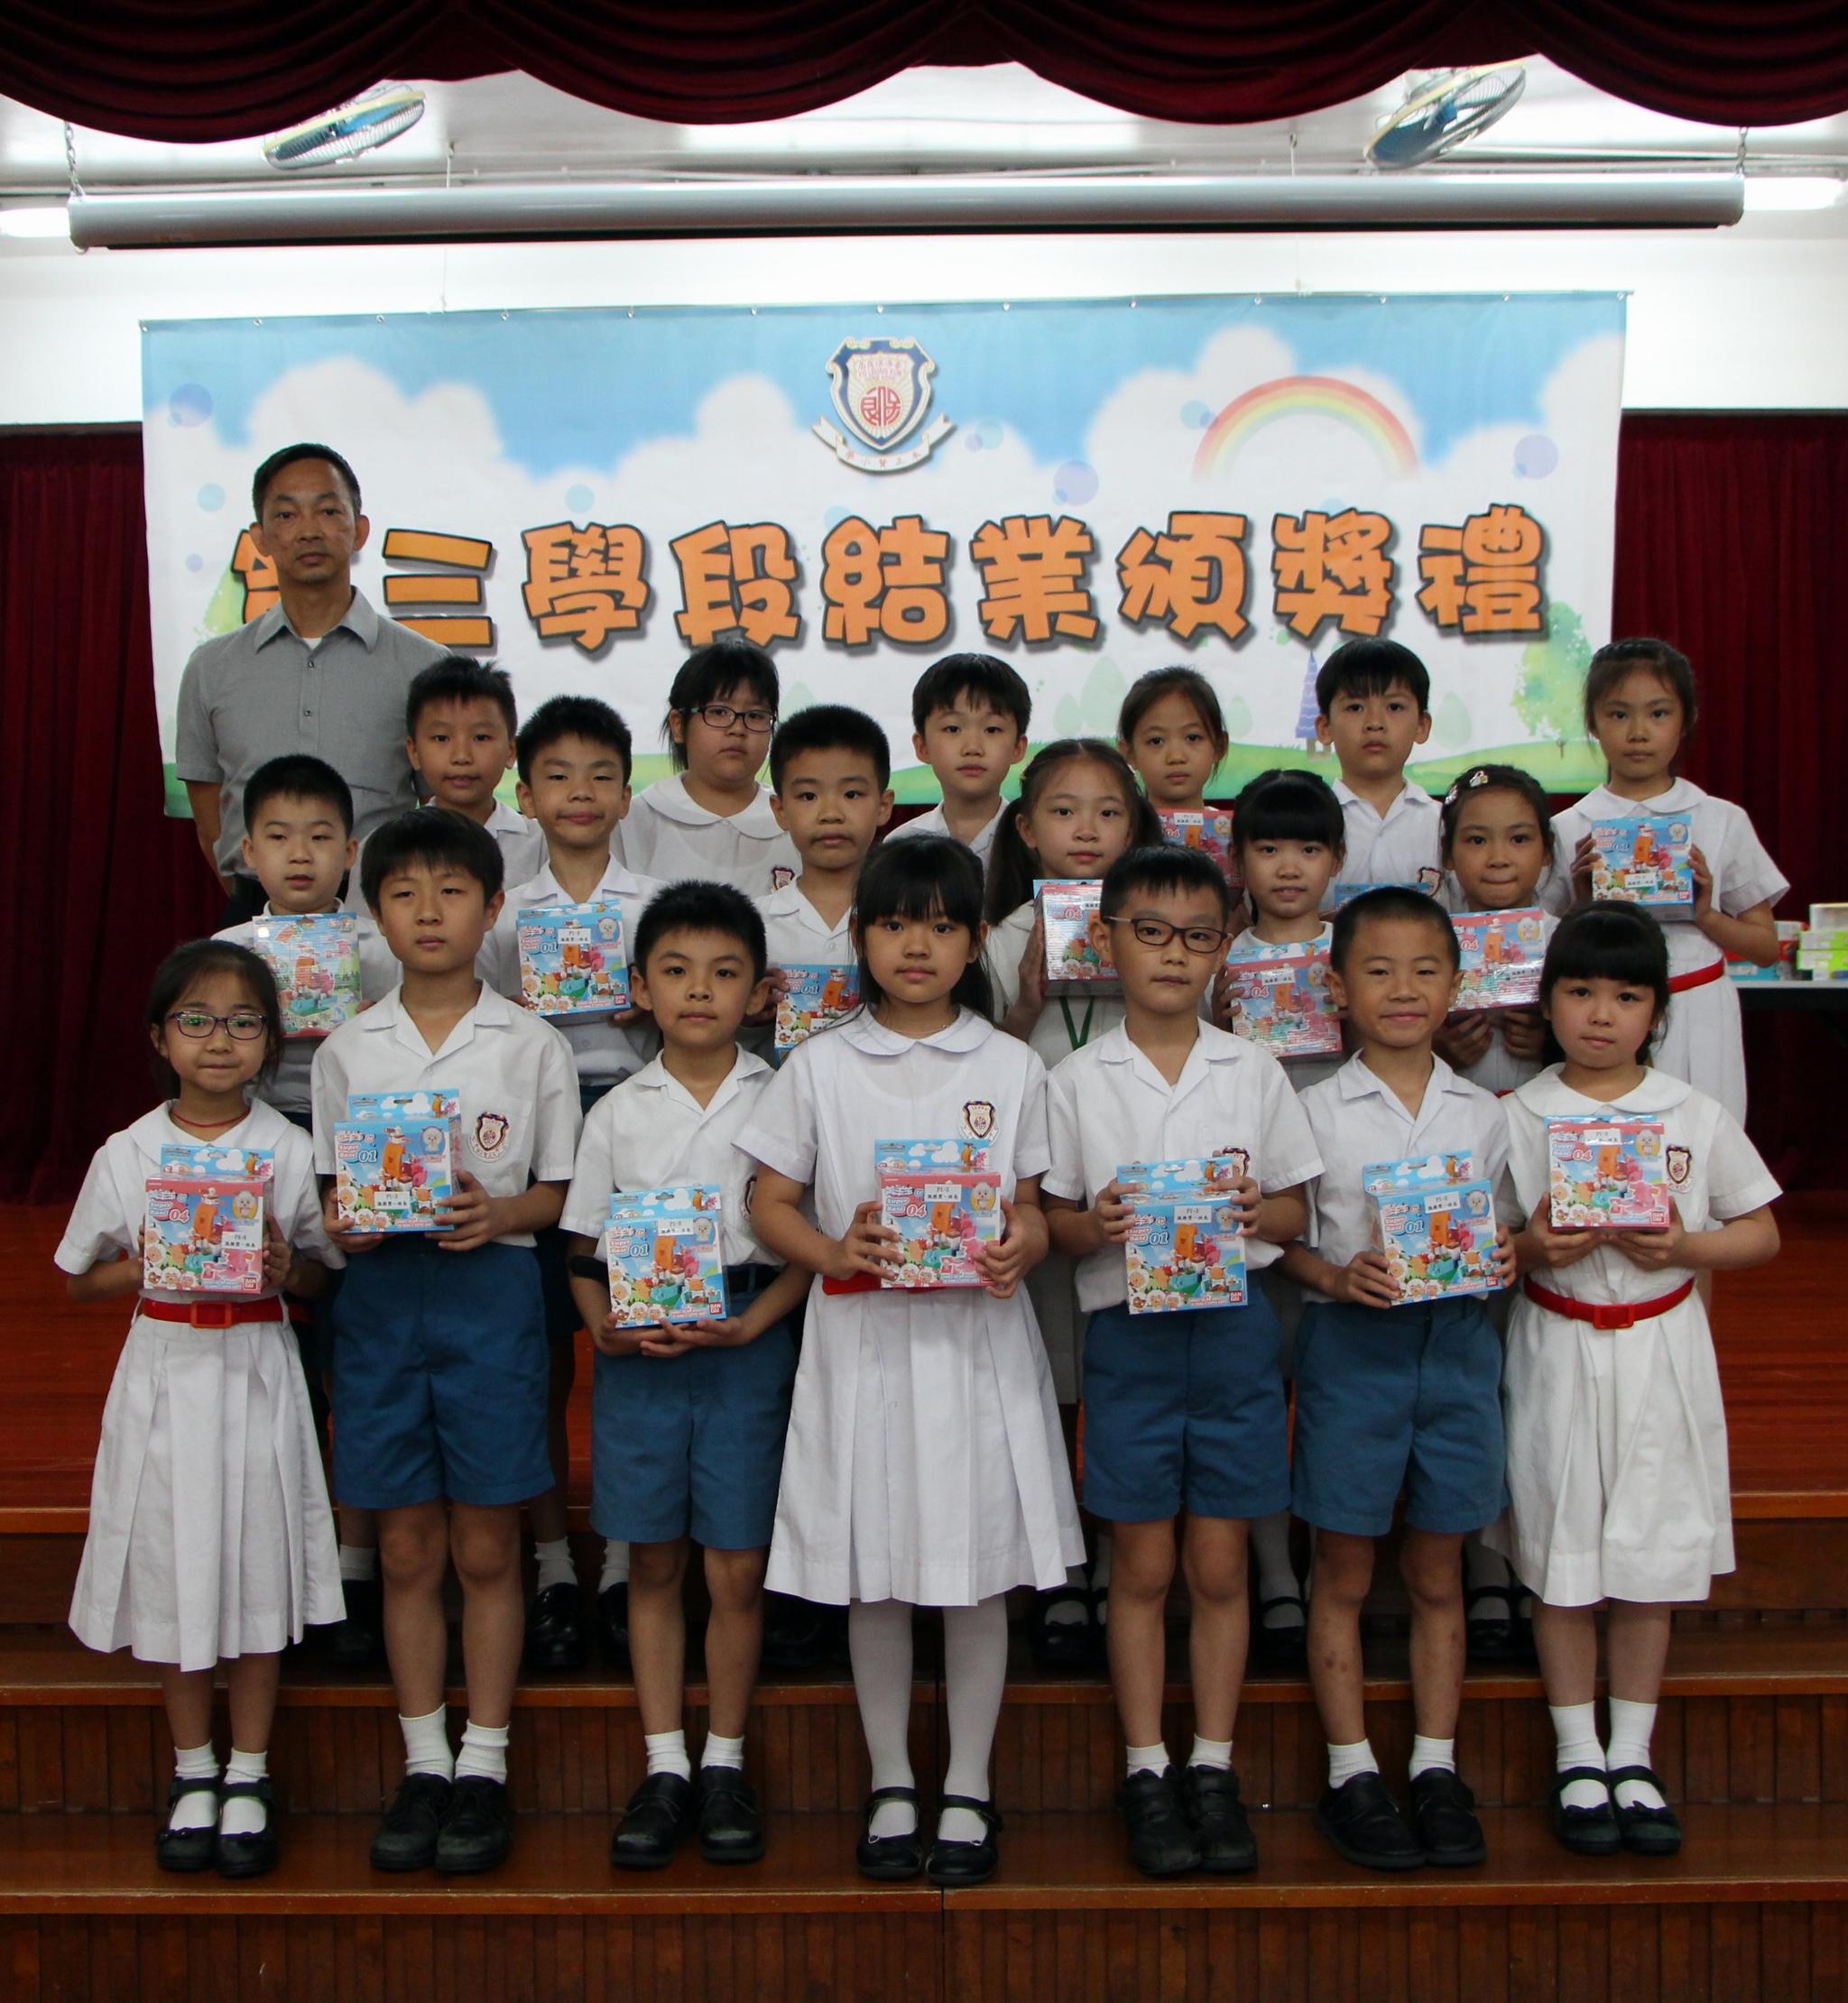 https://plkcjy.edu.hk/sites/default/files/img_5692.jpg